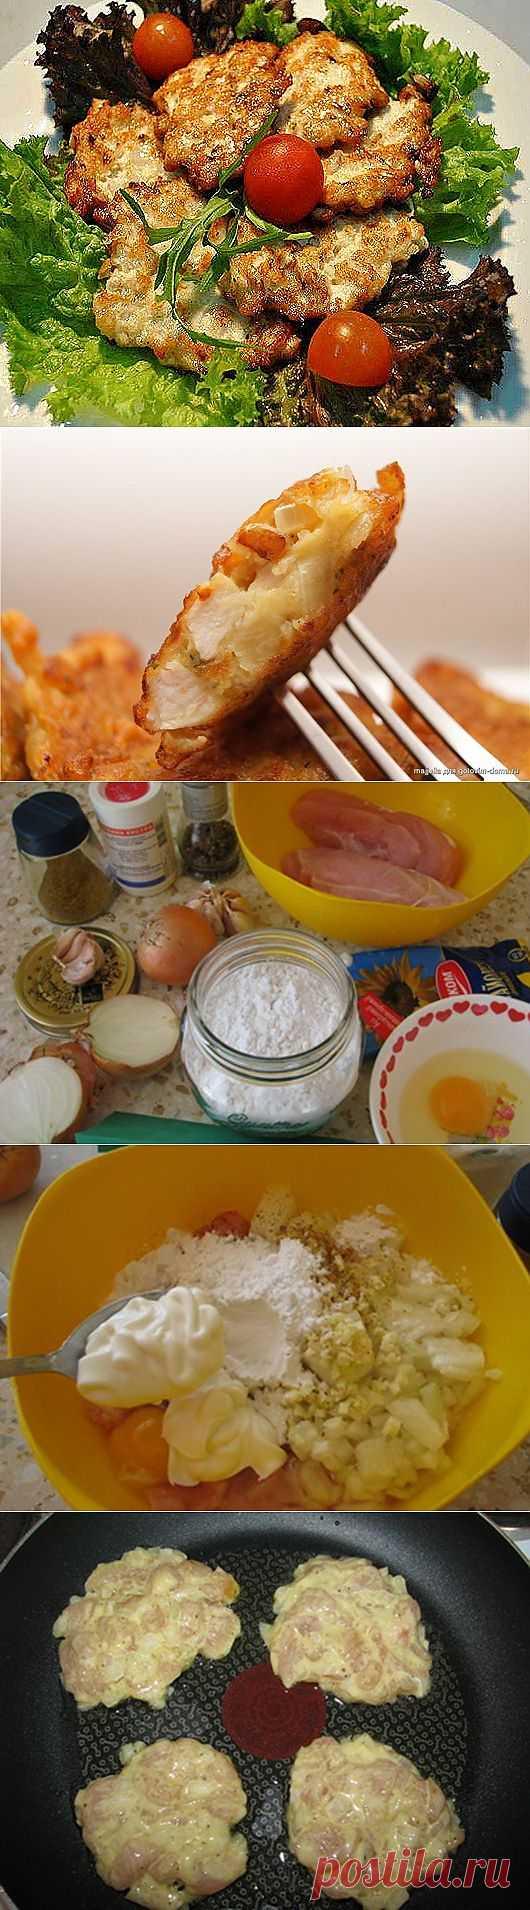 Рецепт на выходной: Куриные оладьи   SOFTMIXER